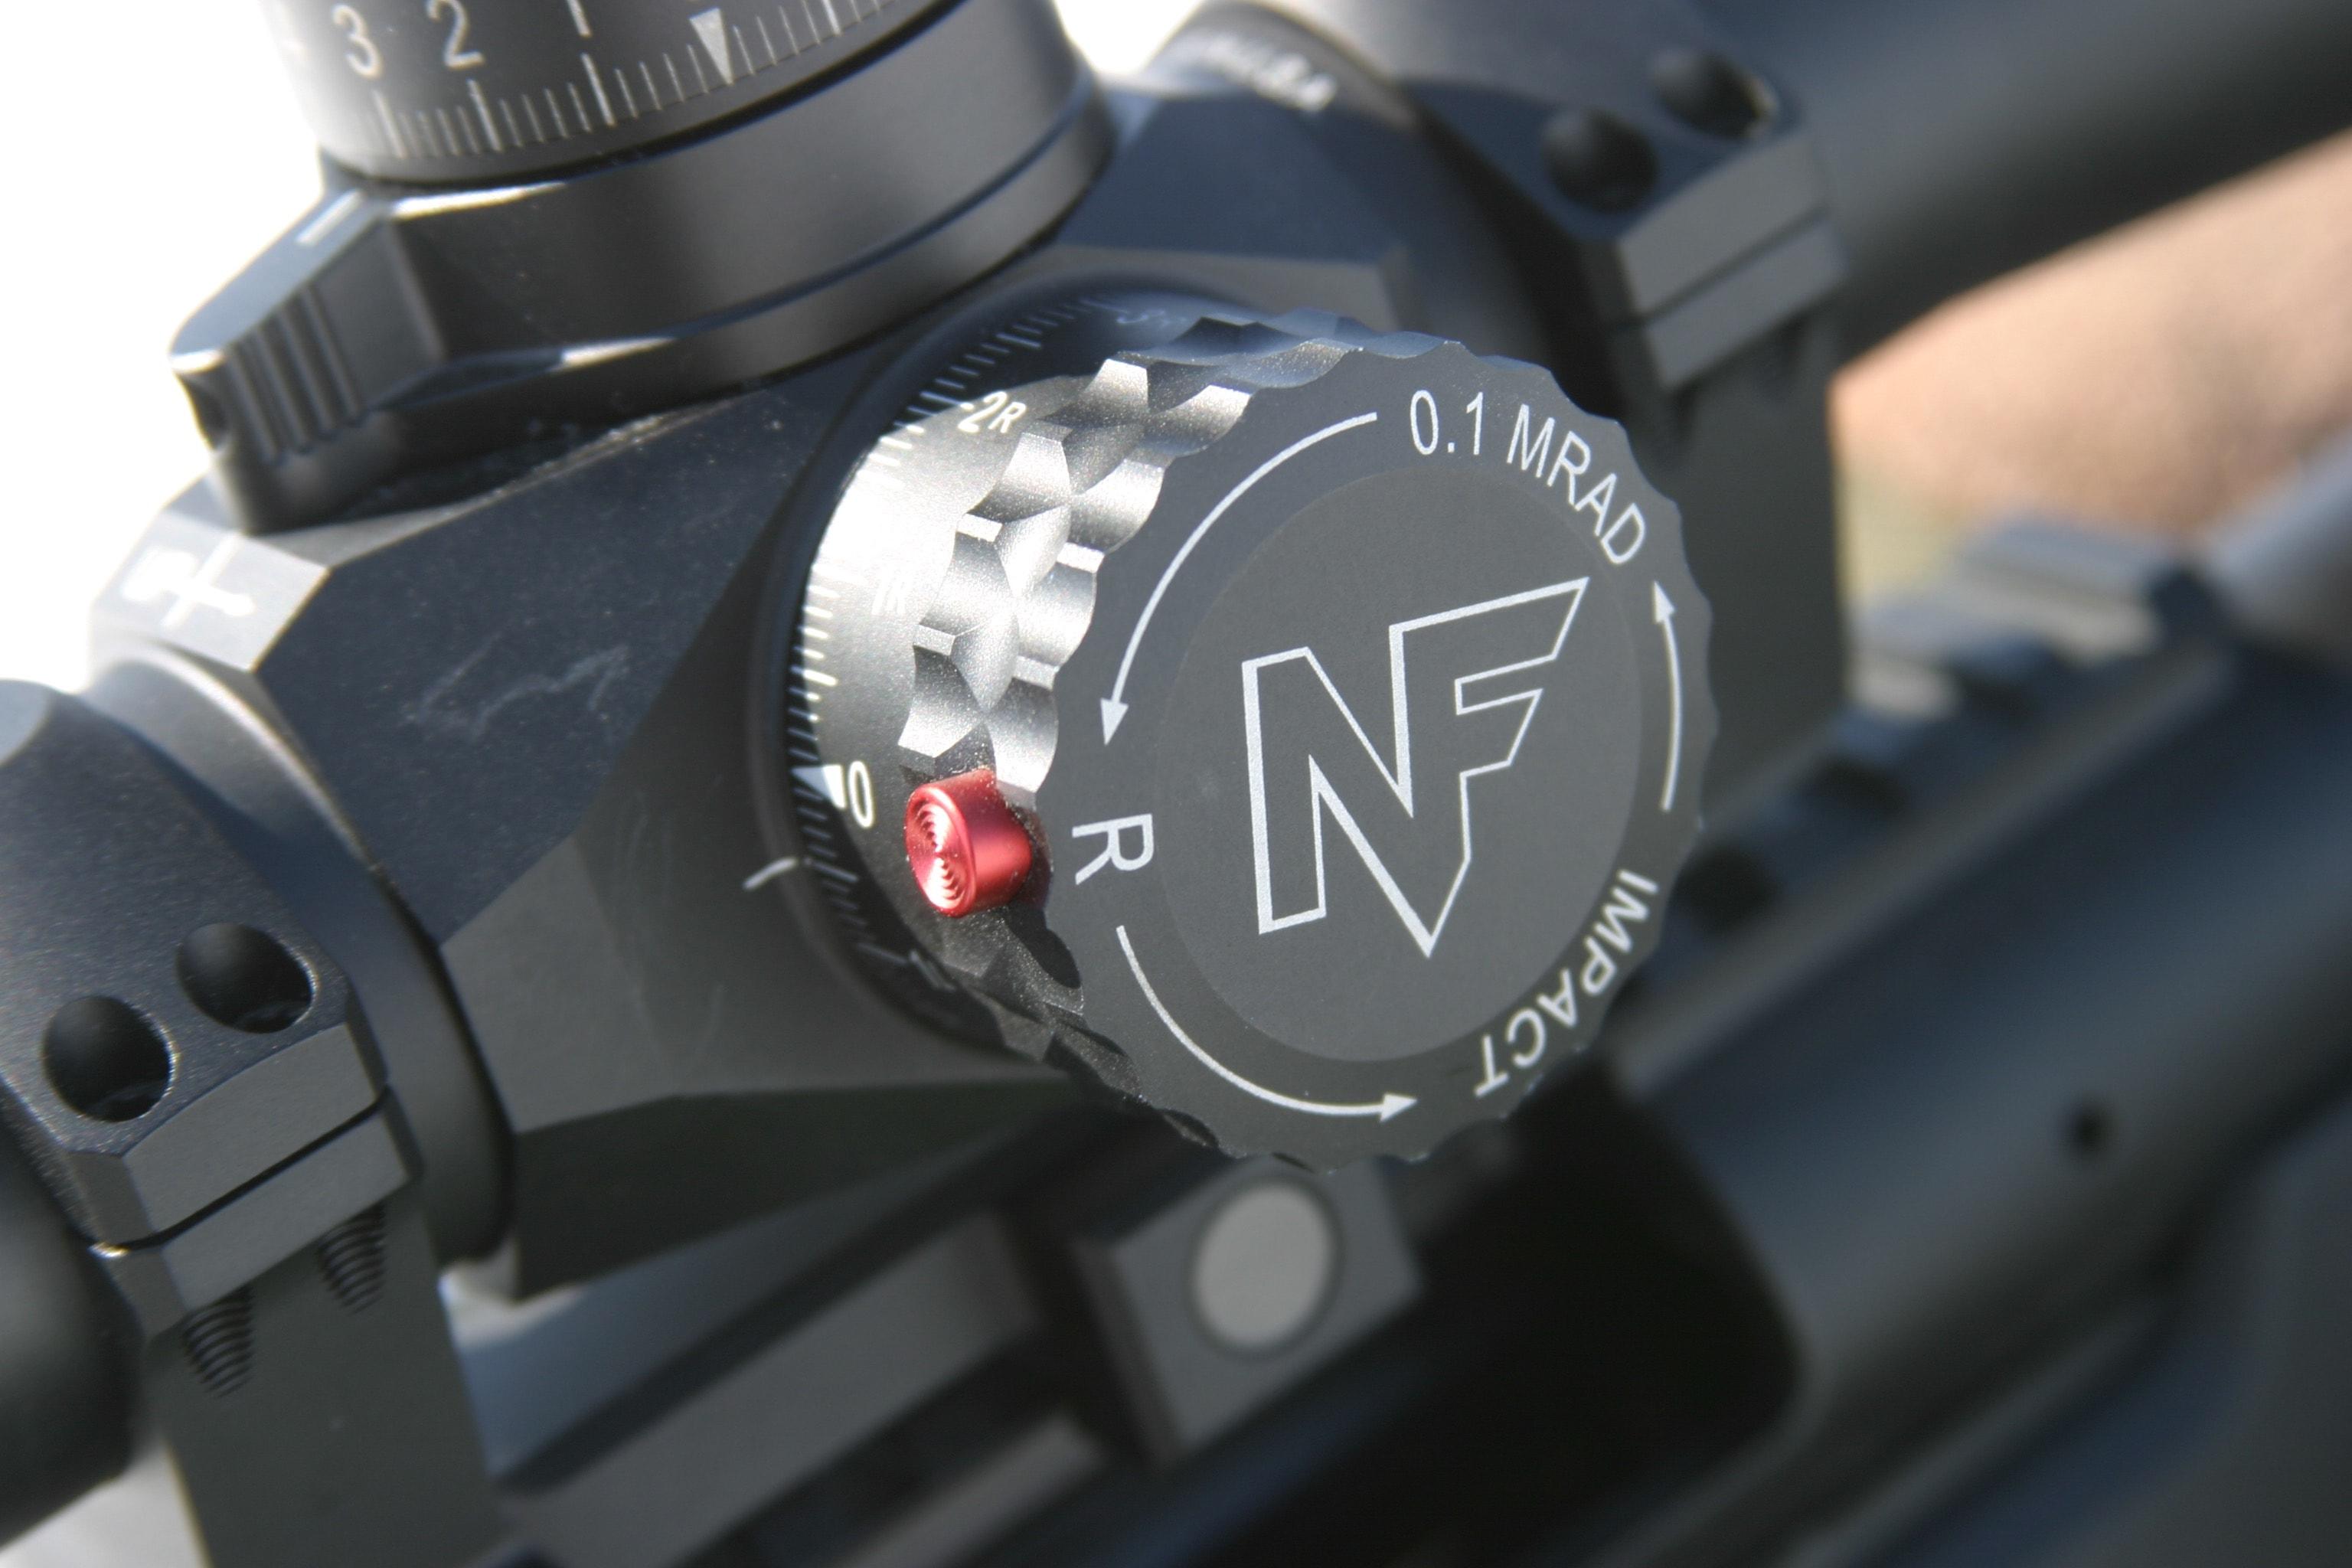 Nightforce Beast rifleshooting